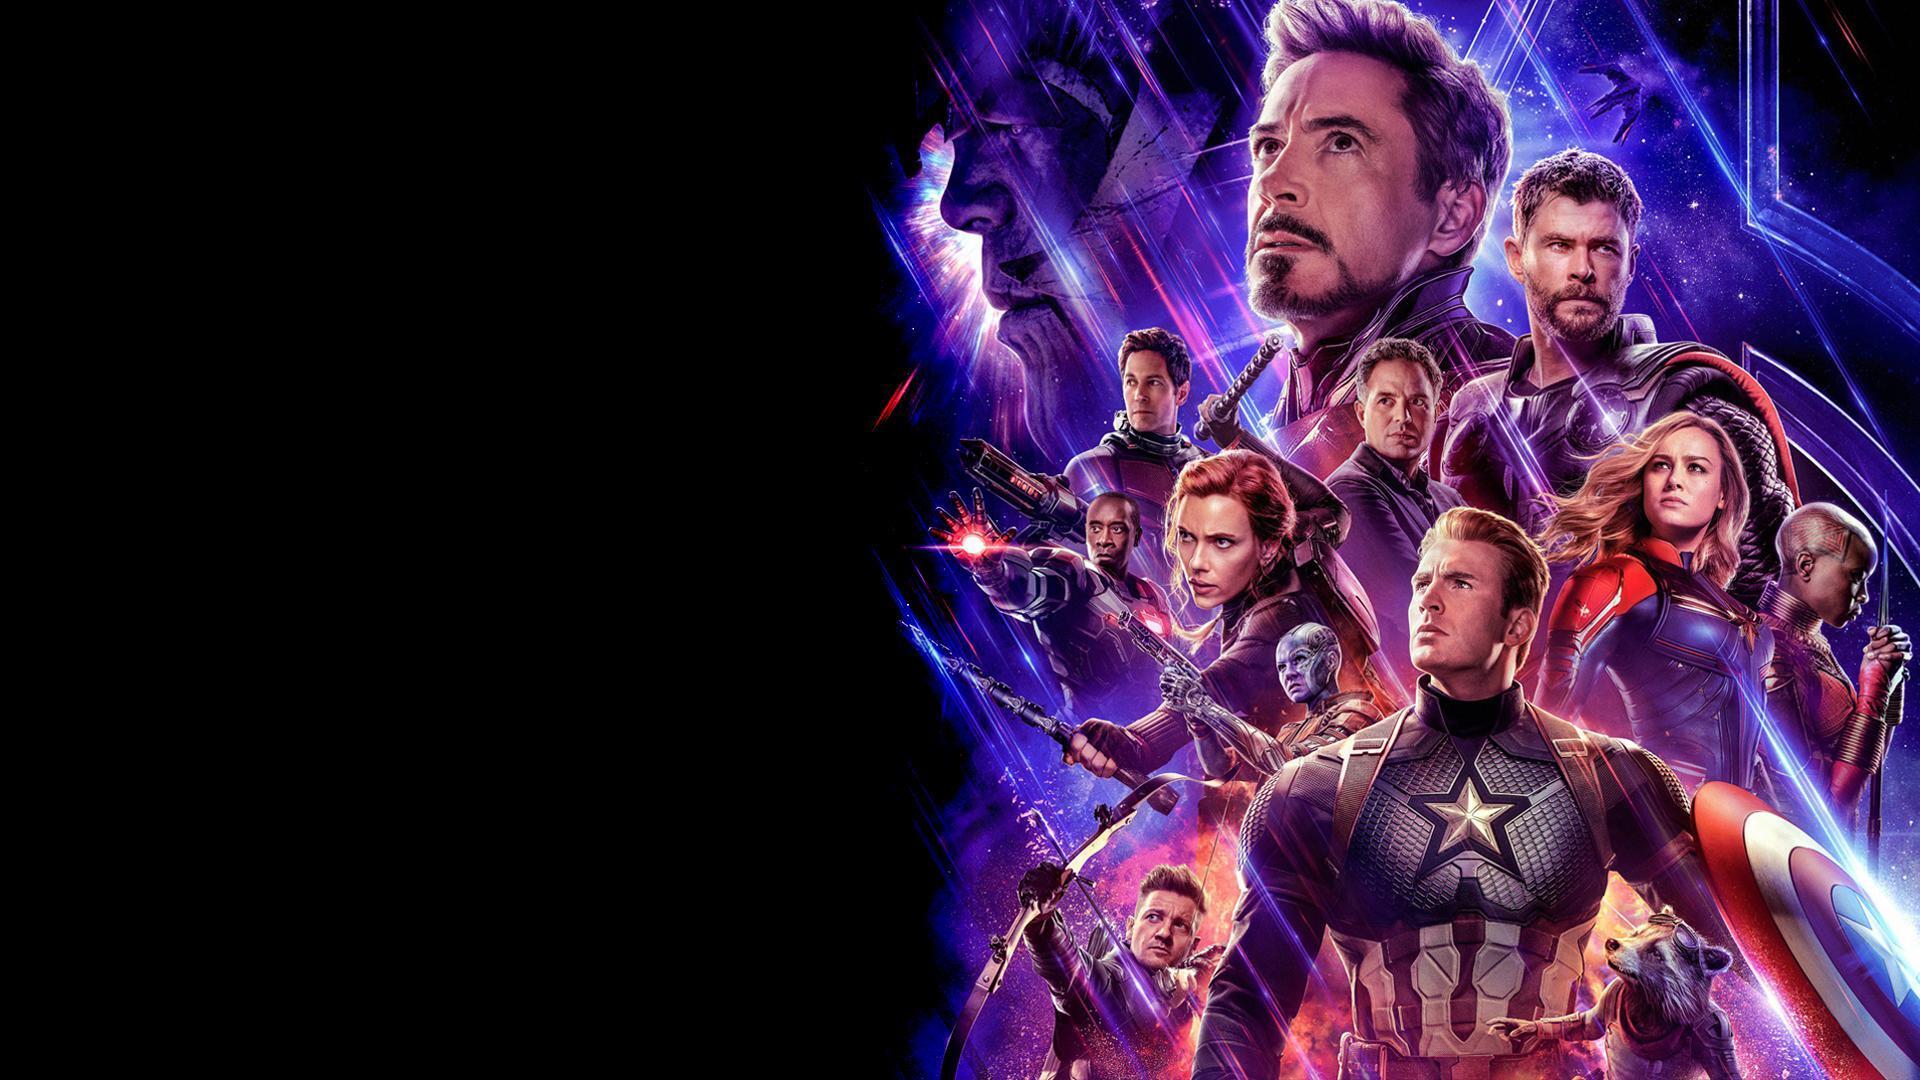 1920x1080 2019 Avengers EndGame Laptop Full HD 1080P HD 4k ...